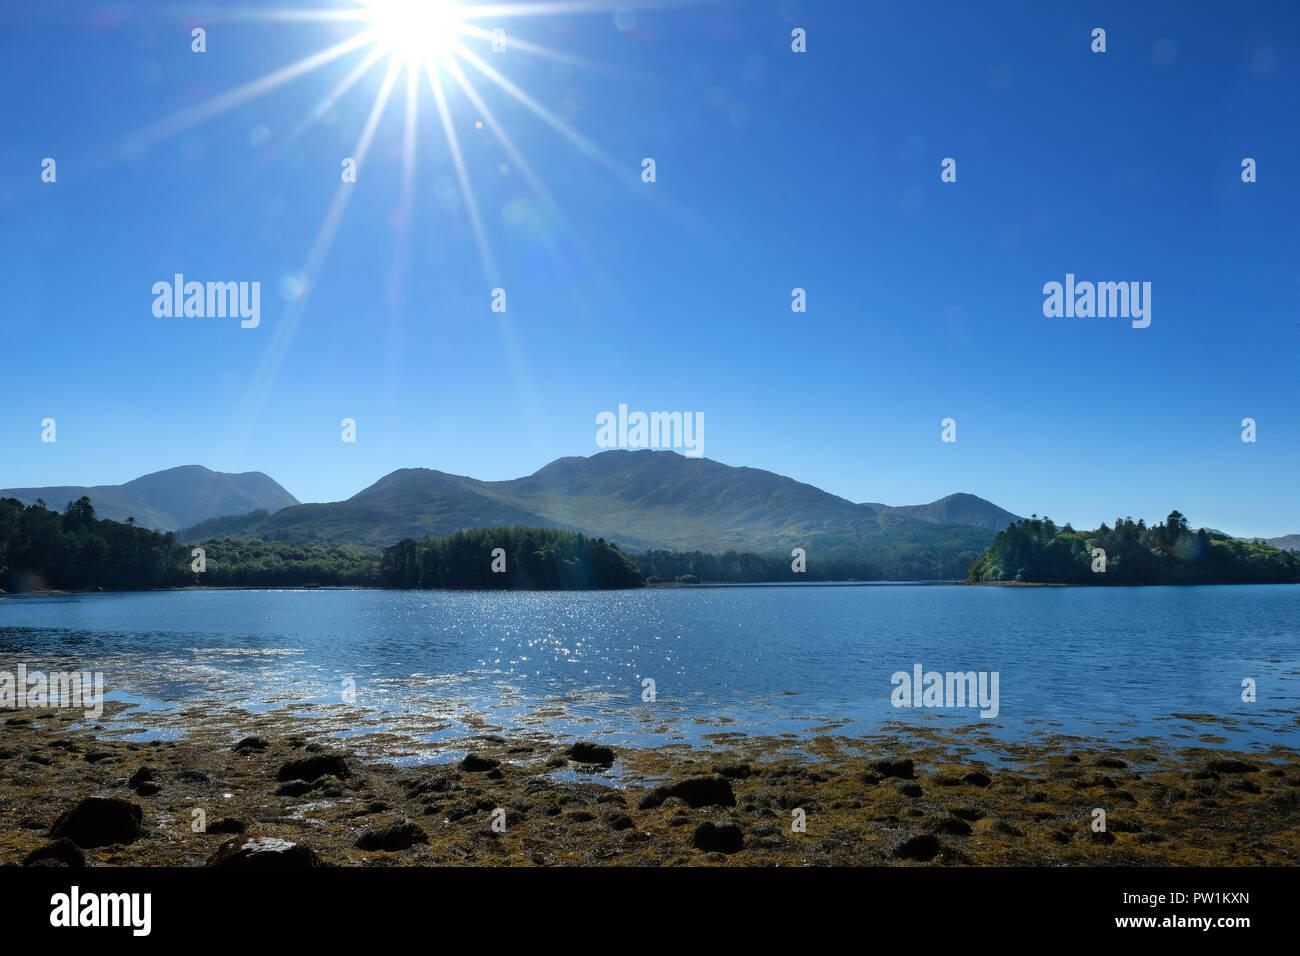 Kenmare River sur la côte du comté de Kerry, Irlande, avec beaucoup de reflets - John Gollop Banque D'Images